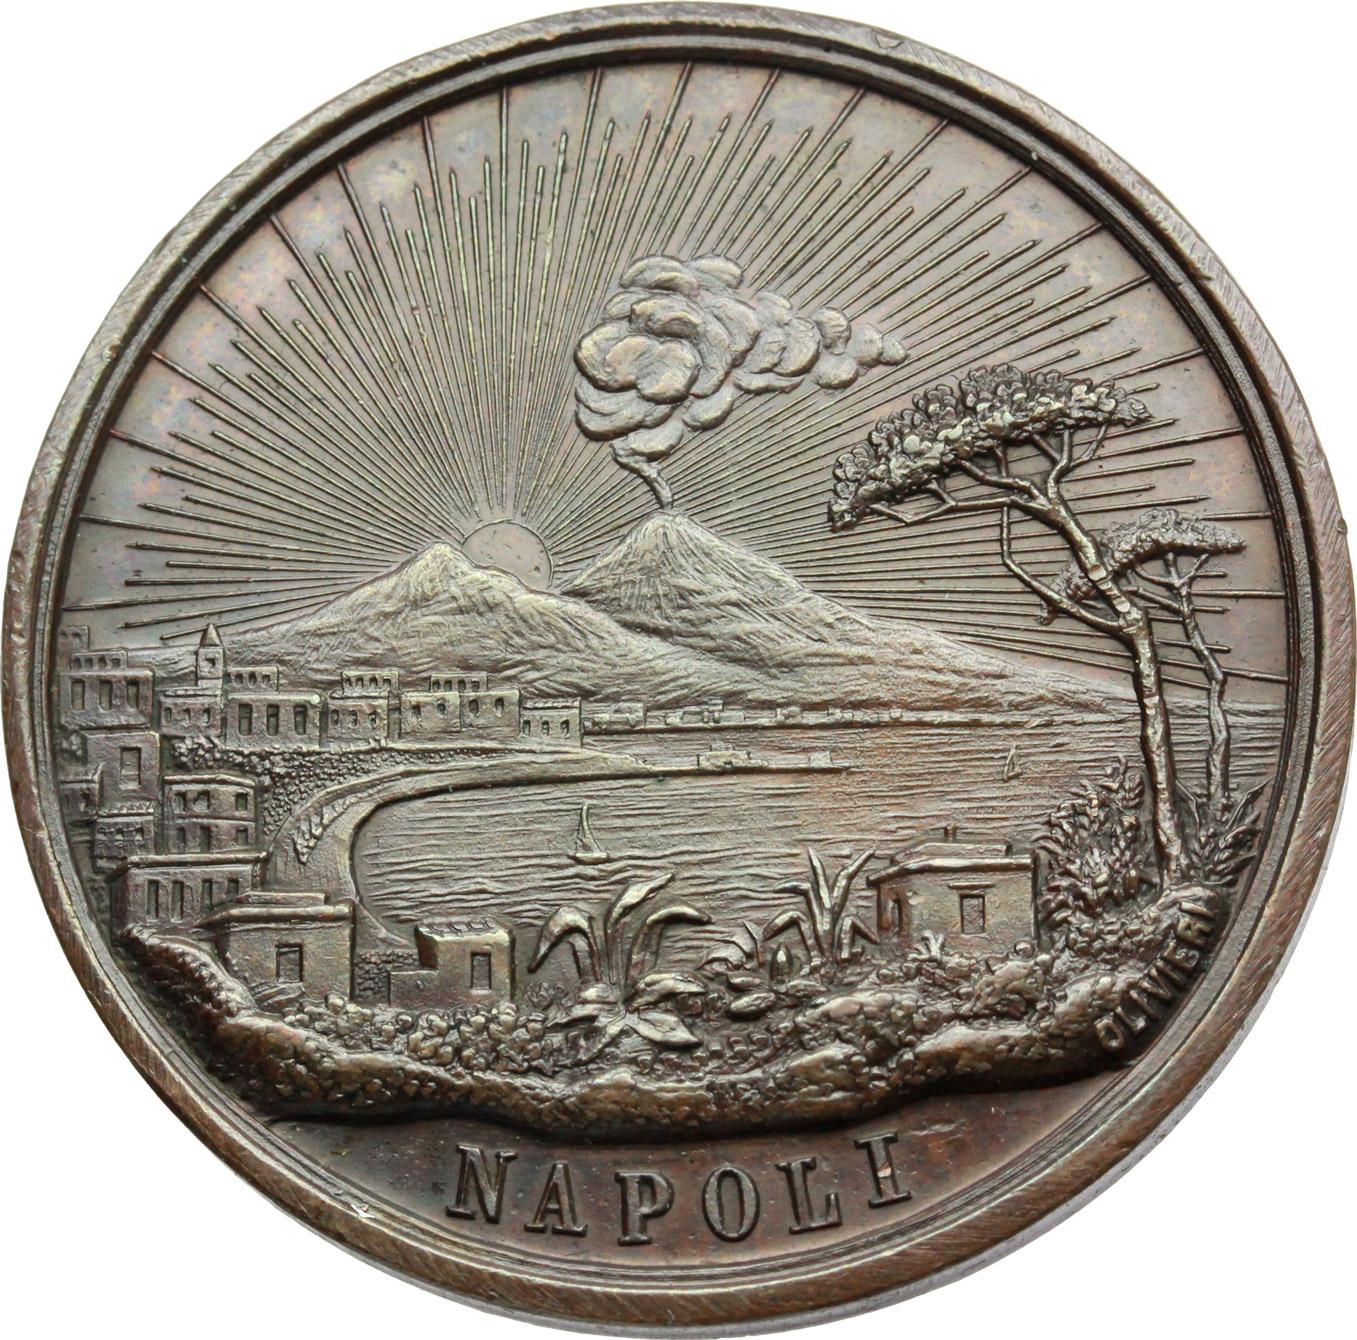 D/  Medaglia Comizio Regionale dei Veterani 1848-49 del Napolitano. IV congresso.     AE.   mm. 37.00 Inc. G. Olivieri.   SPL.